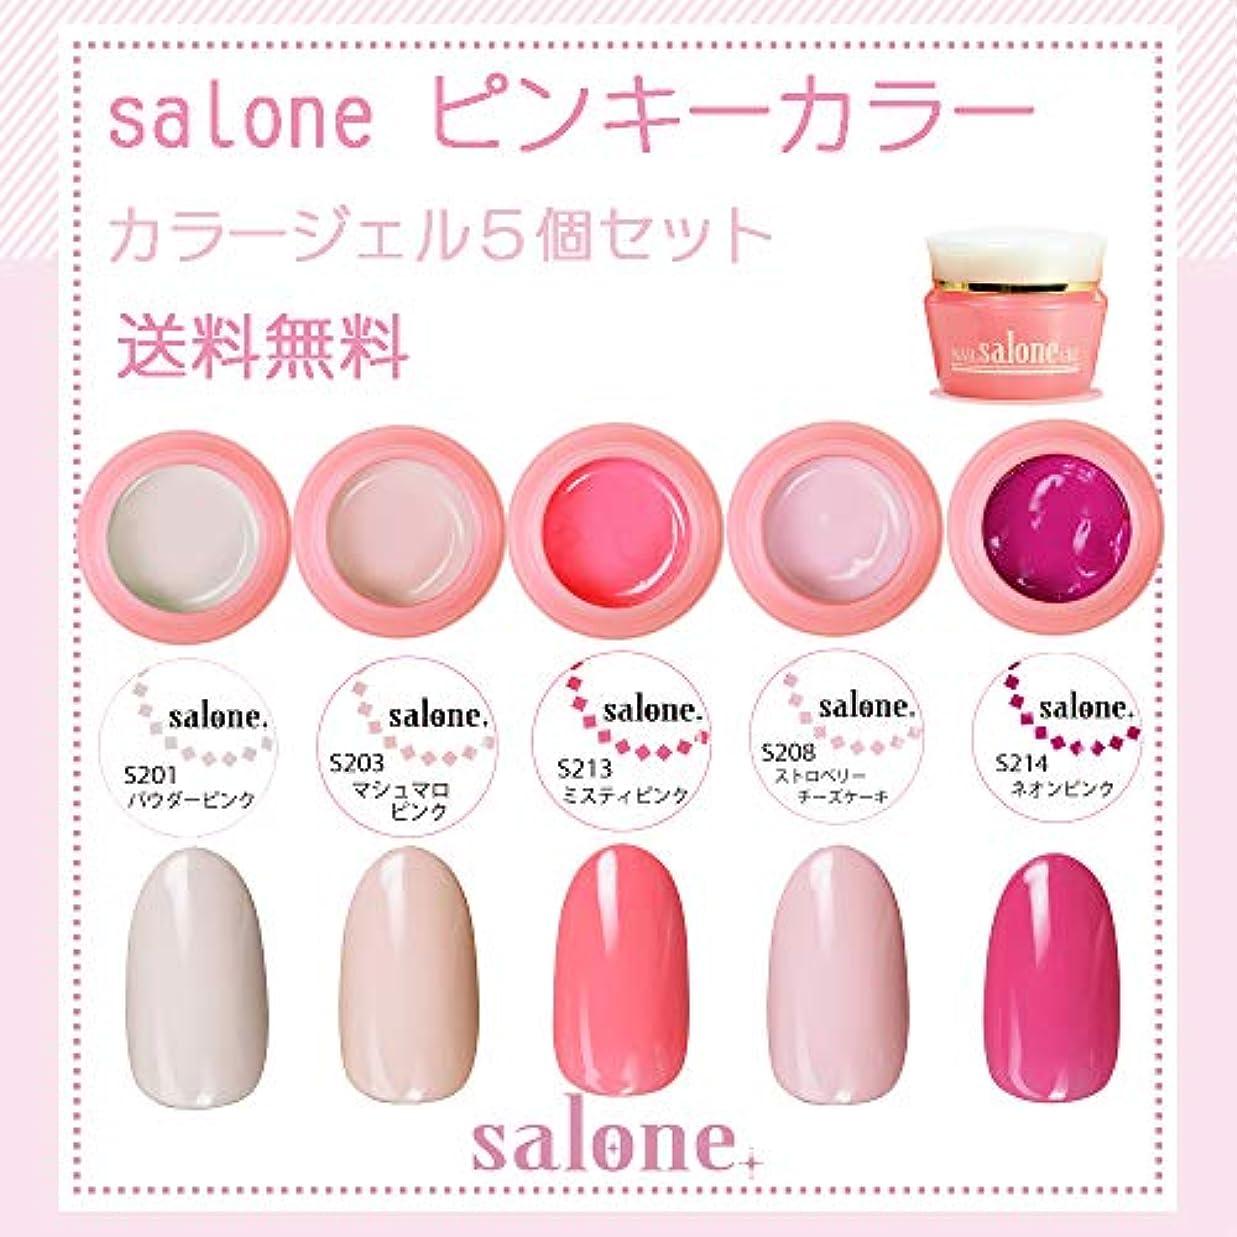 爆風直立服【送料無料 日本製】Salone ピンキー カラージェル5個セット サロンで人気のネイルのマストアイテムピンキーカラー